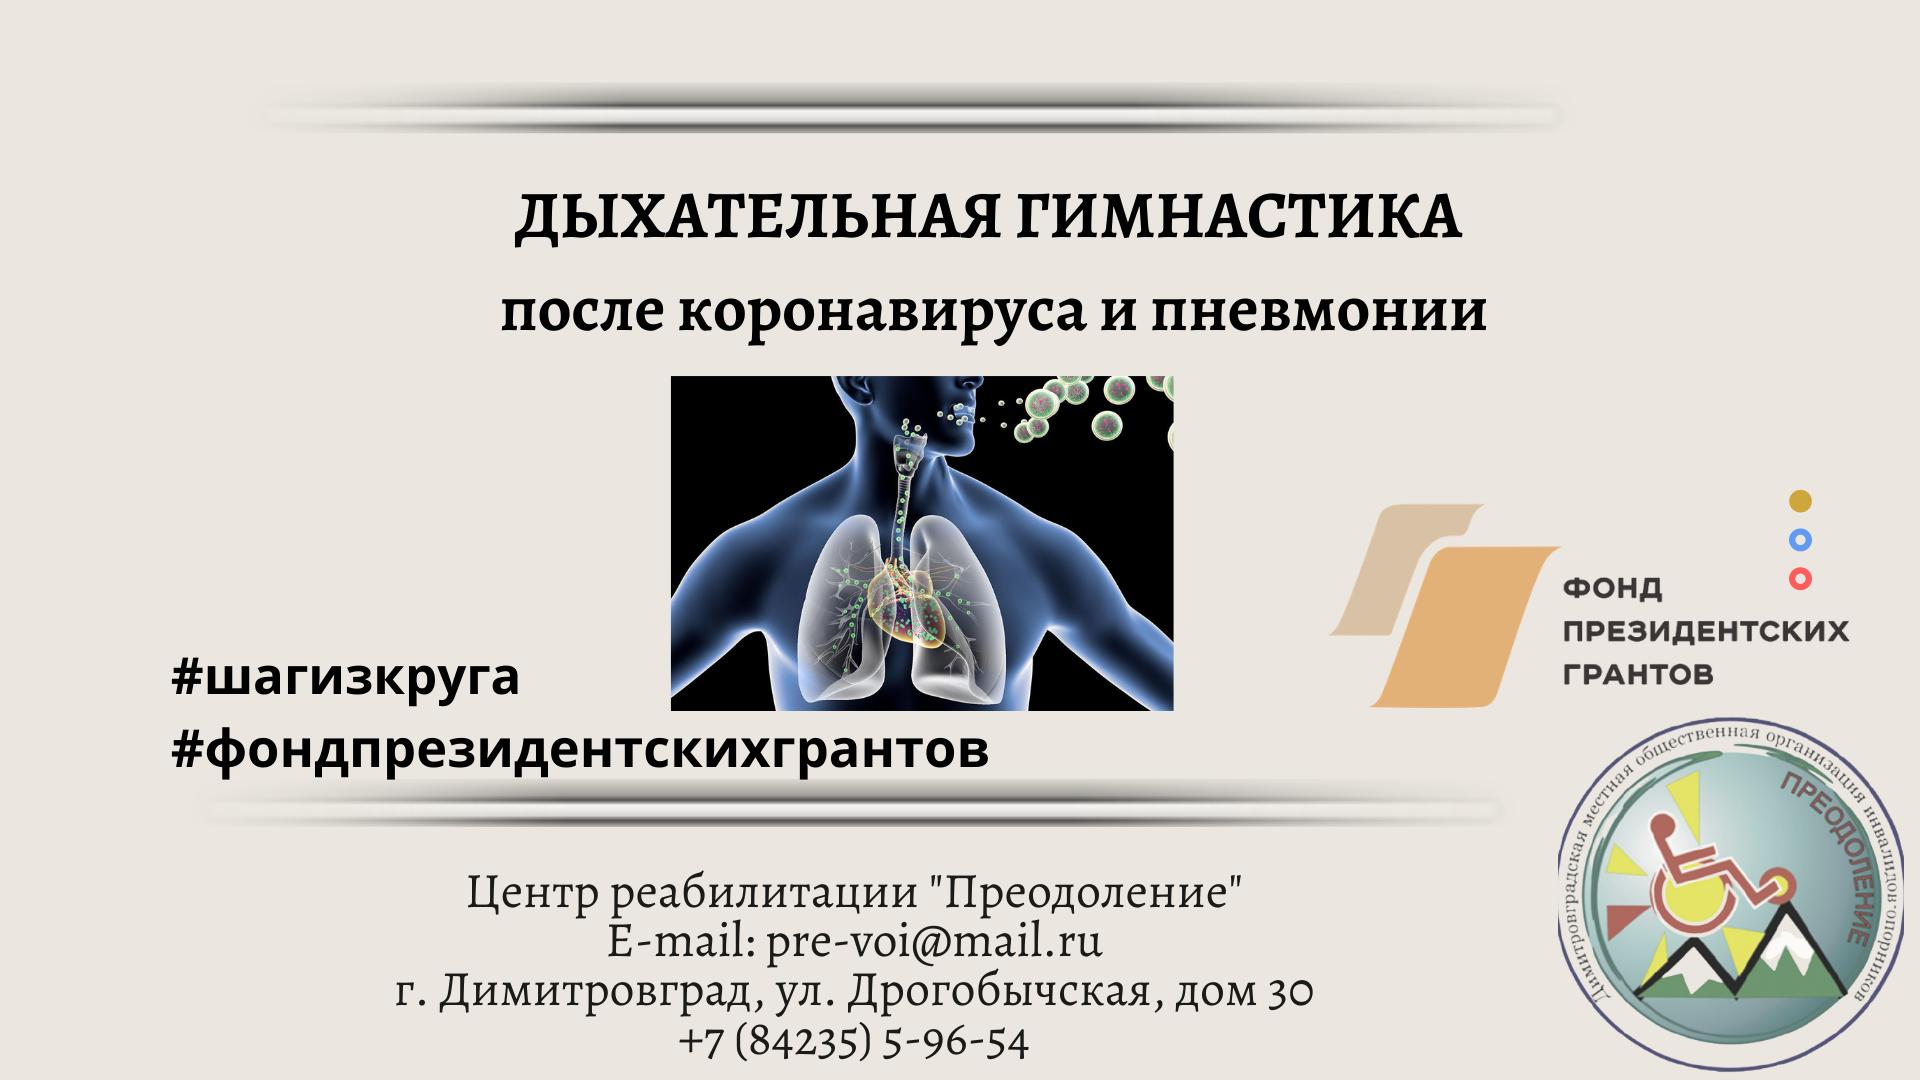 ДЫХАТЕЛЬНАЯ ГИМНАСТИКА после коронавируса и пневмонии